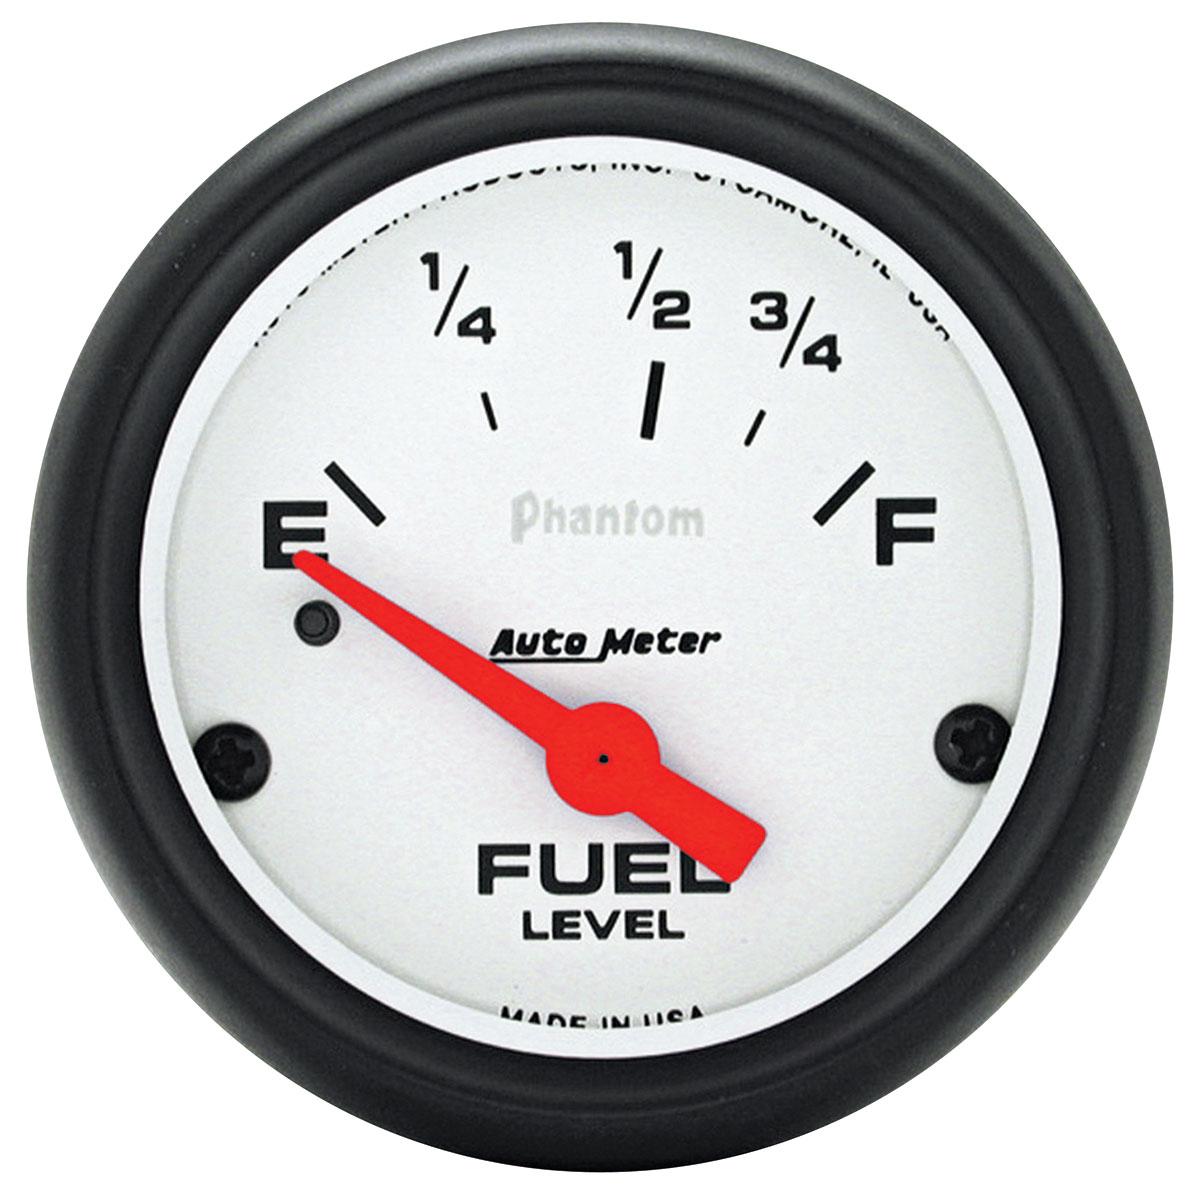 Gauge, Fuel, Auto Meter, Phantom, 2-5/8